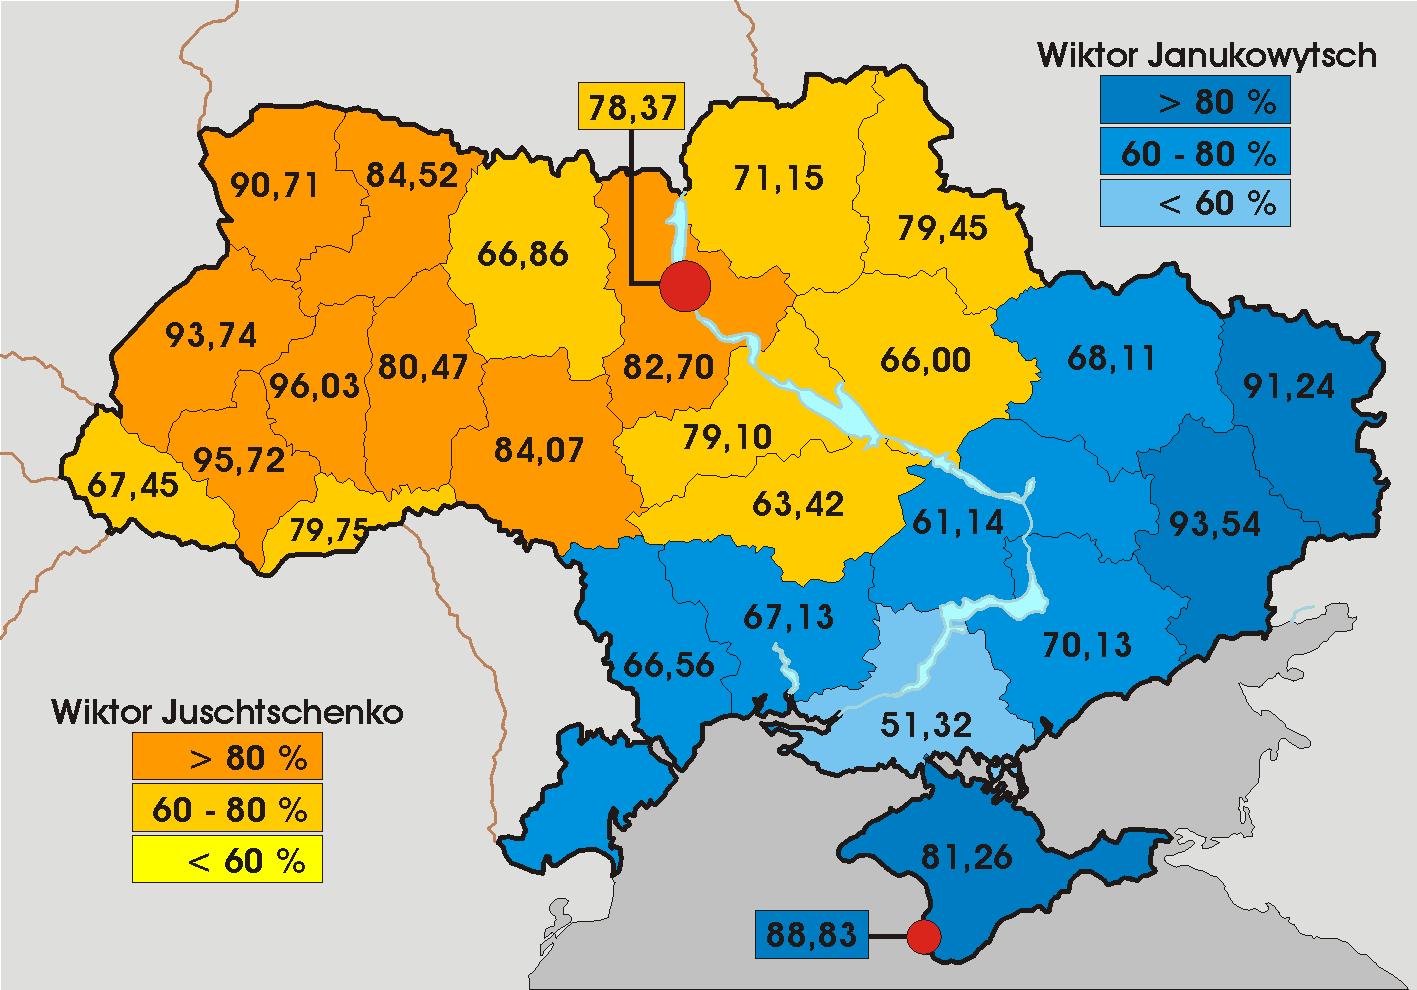 Zweite stichwahl 2004 die russischsprachige ostukraine wählte